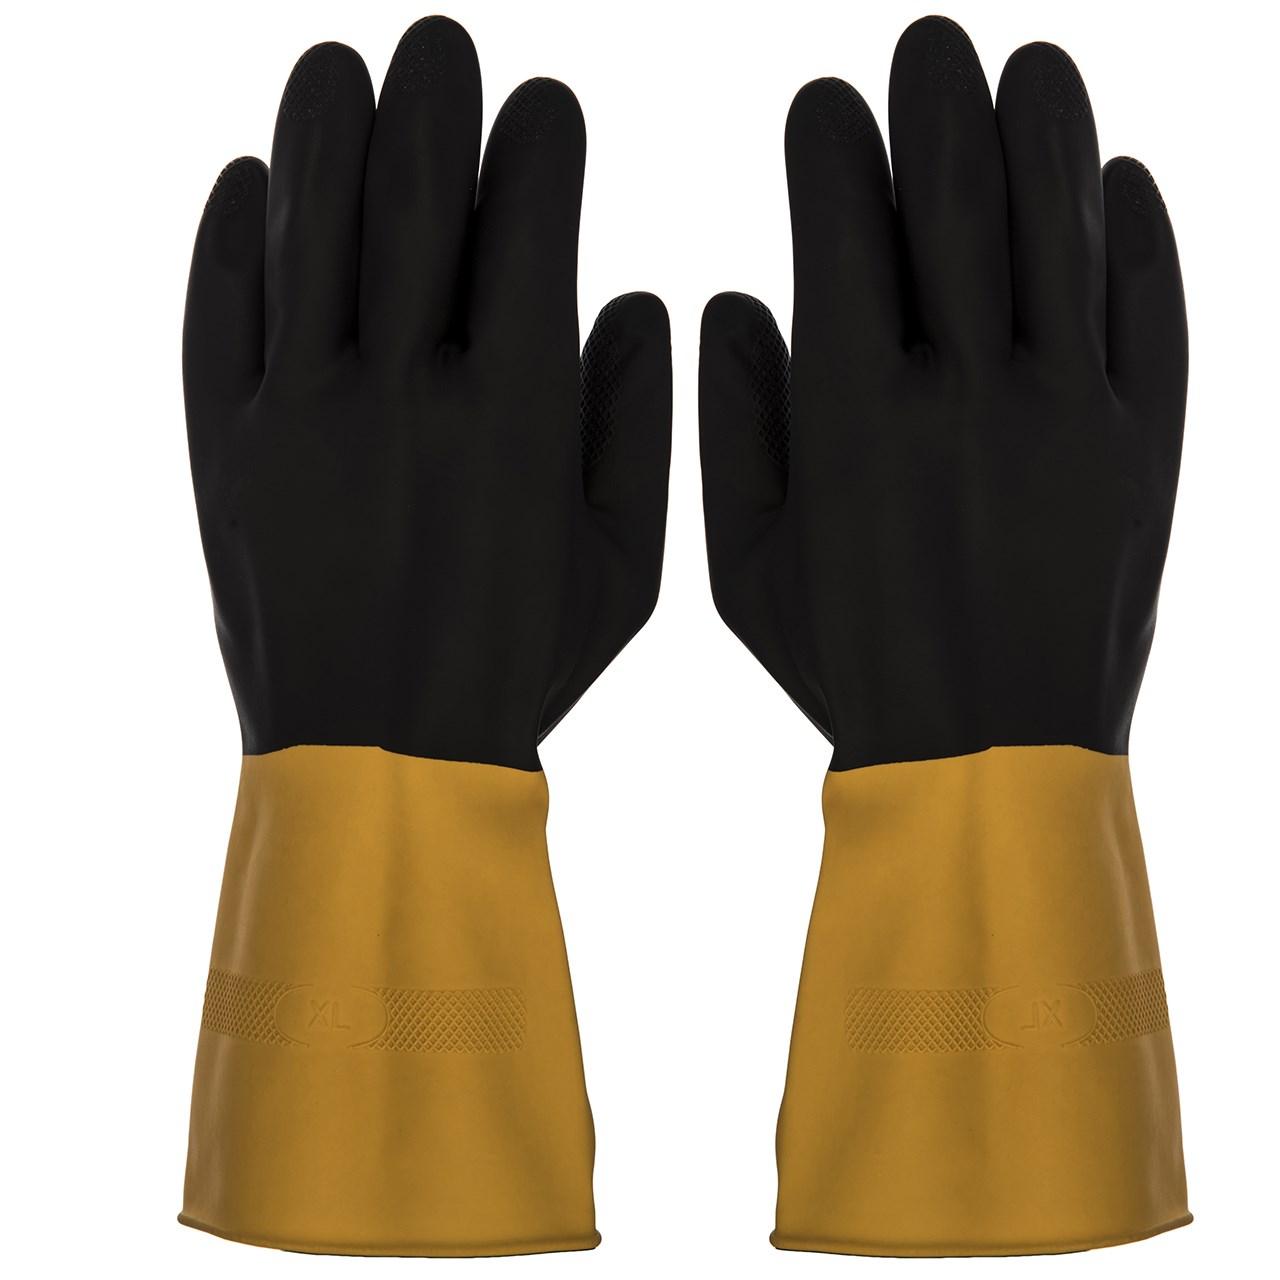 دستکش کار گیلان مدل سه لایه دو رنگ بسته 12 جفتی